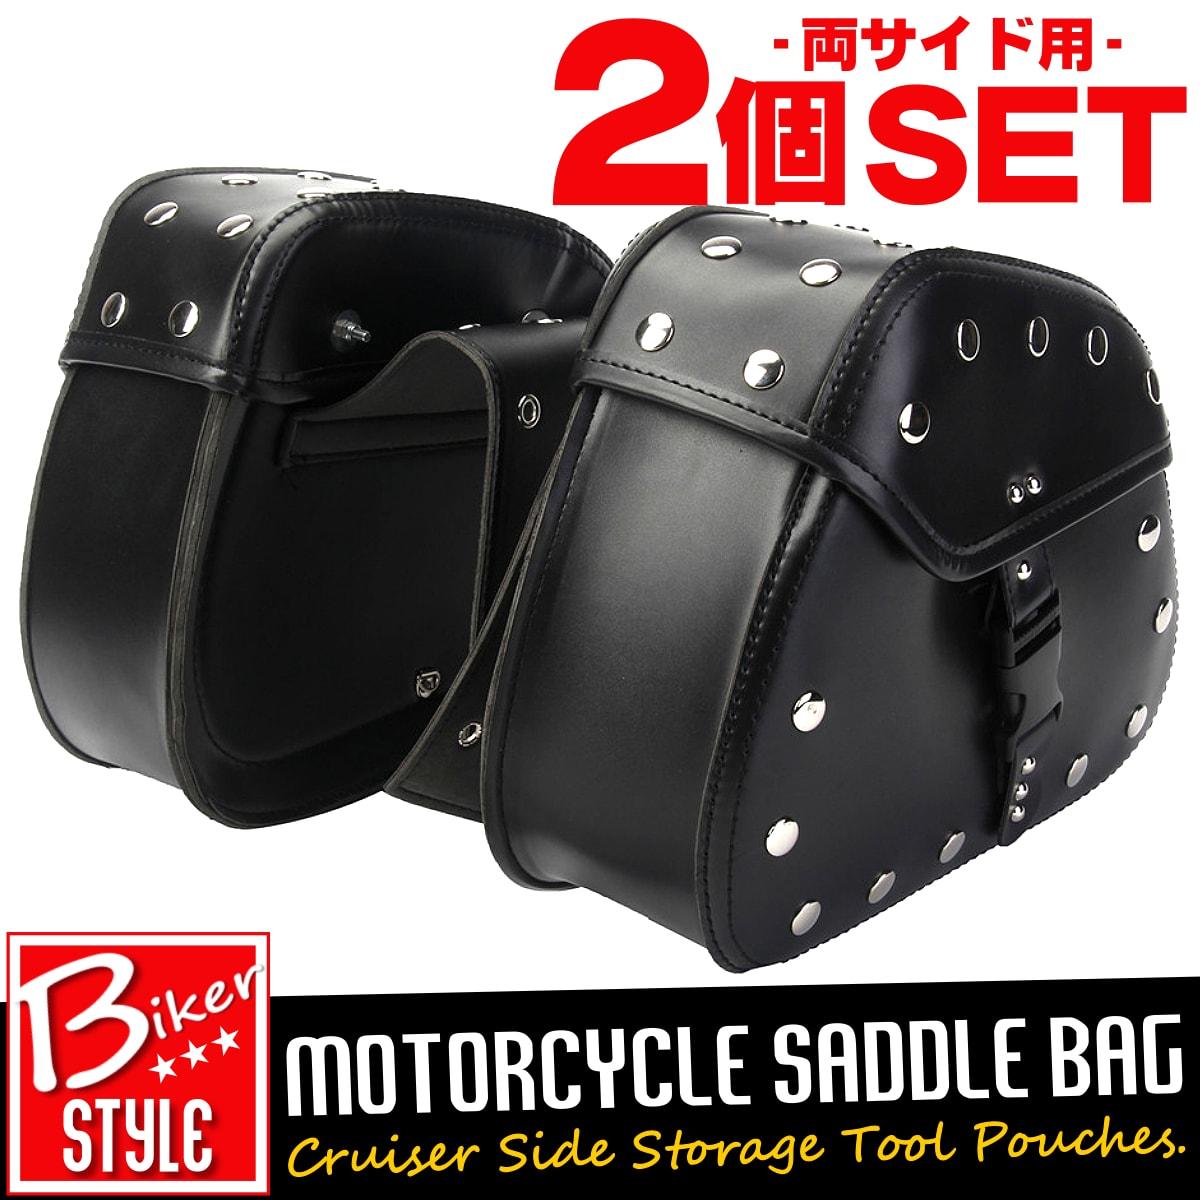 【送料無料!】2個セット! [Chrome Studs One Touch Buckle PU Leather Tool Bag/Saddle Bag] クローム・スタッズ・ワンタッチ・バックル・PUレザー・ツールバッグ サドルバッグ セット! ブラック 黒 防水 Motorcycle アメリカンバイク Harley Cruiser Storage Pouch